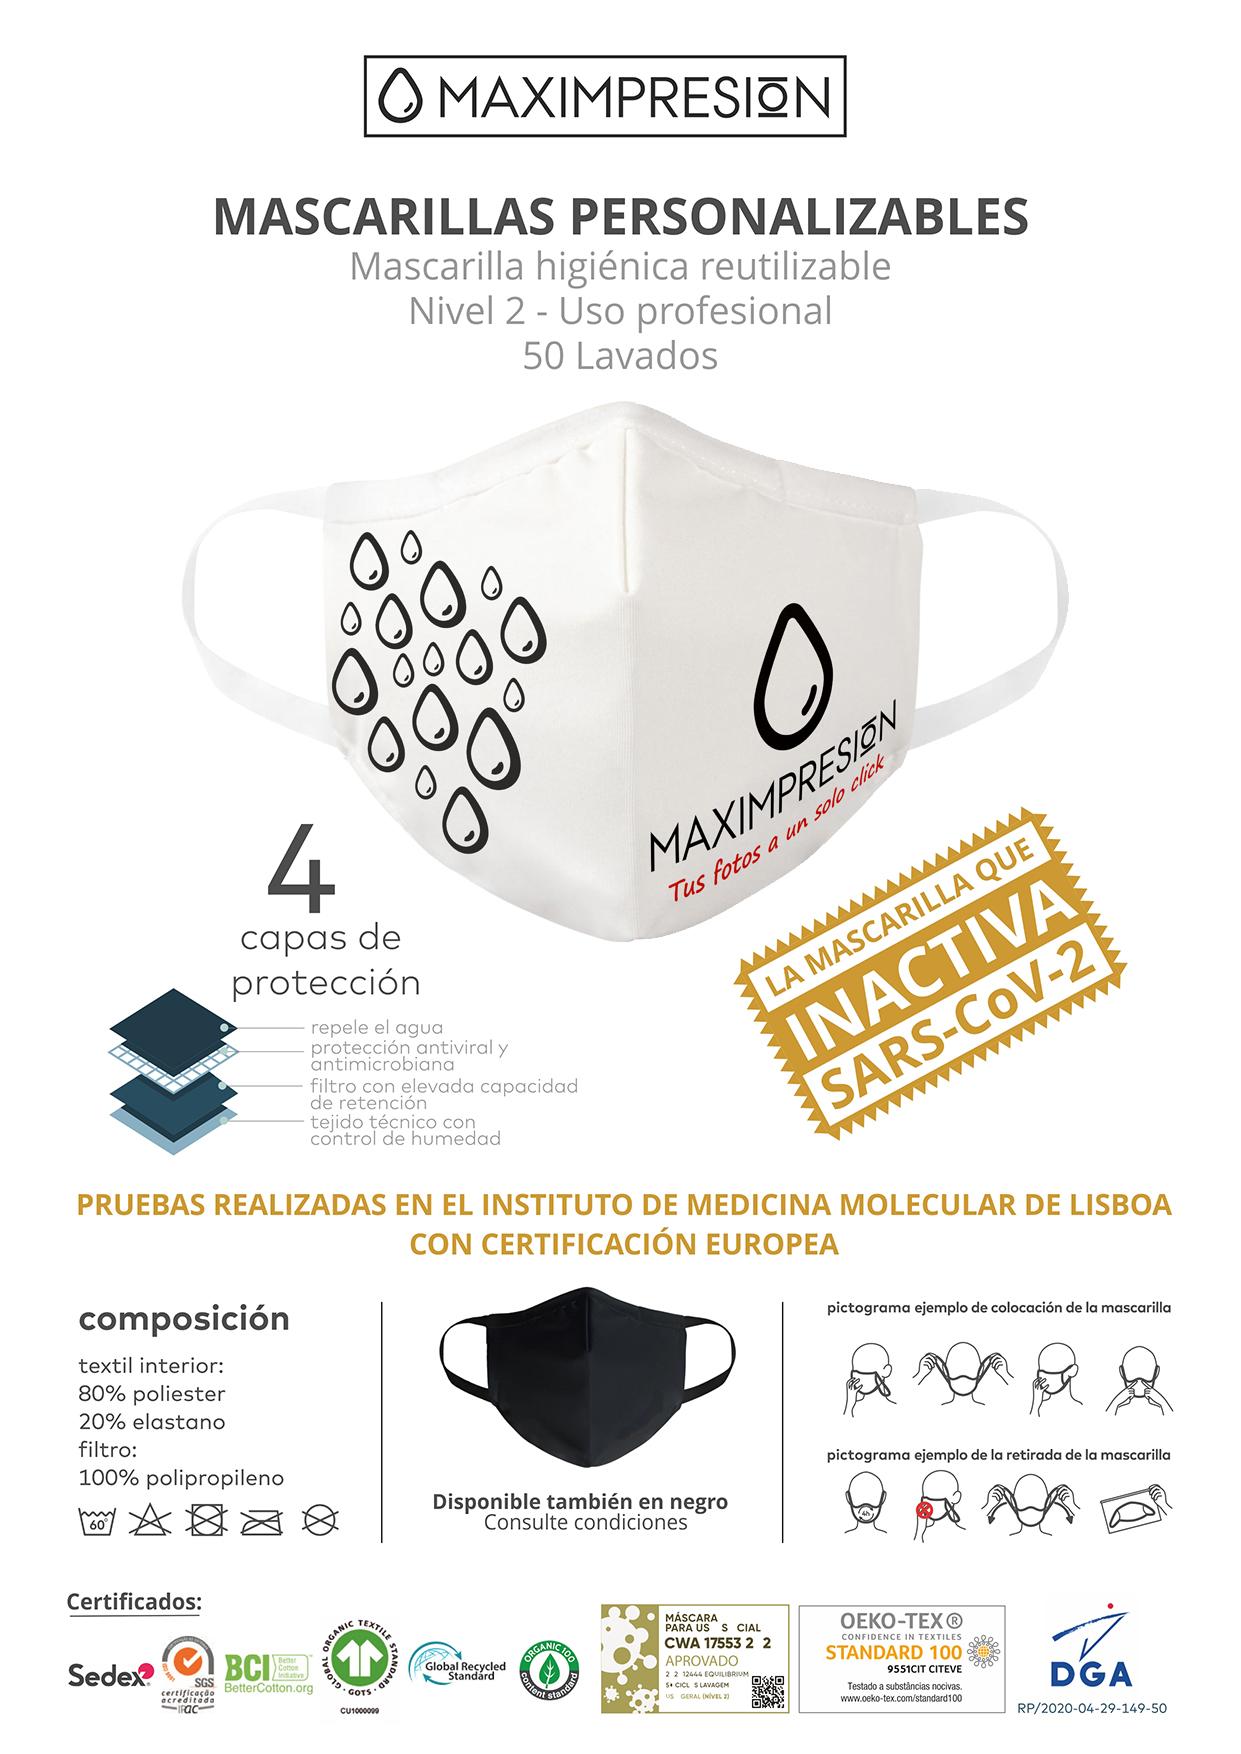 MASCARILLAS MAXIMPRESIONB2.jpg